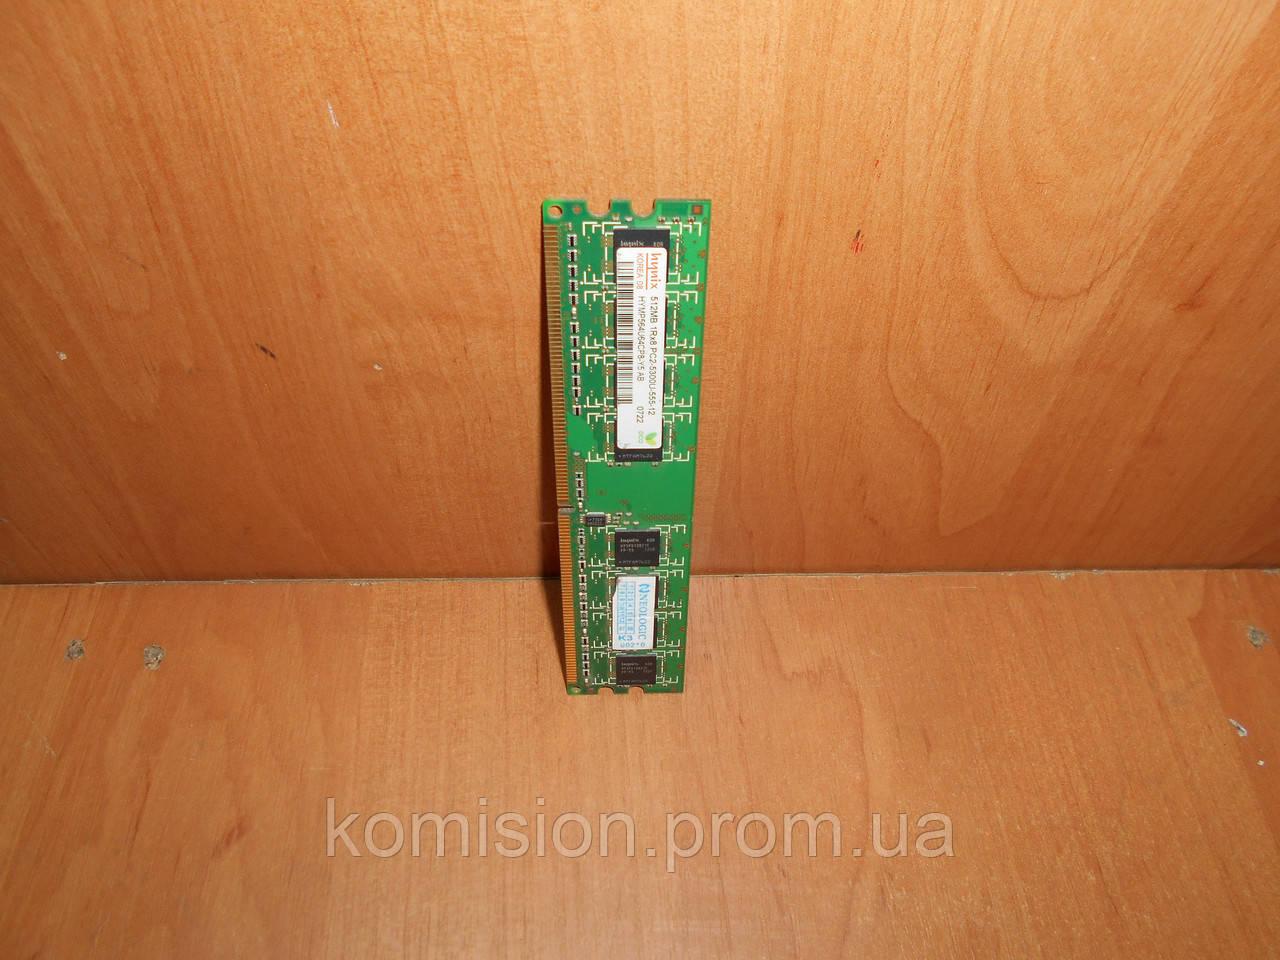 Модуль пам'яті Hynix DDR2 512 Mb для комп'ютера